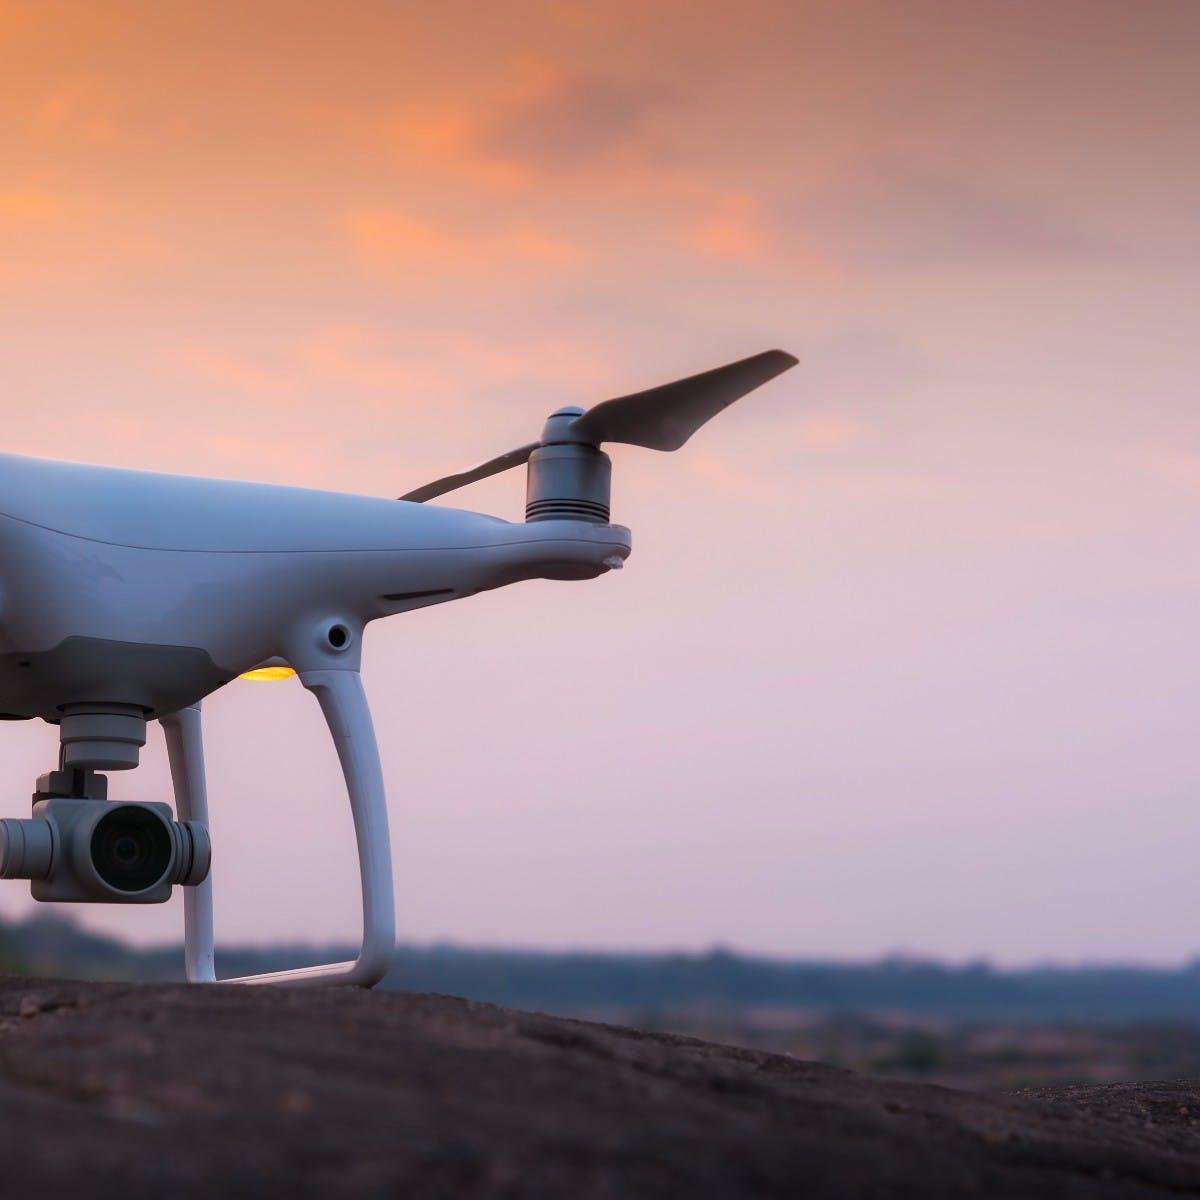 Drohnen als Gefahr oder Bereicherung: Die t3n-TV-Tipps zum Wochenende